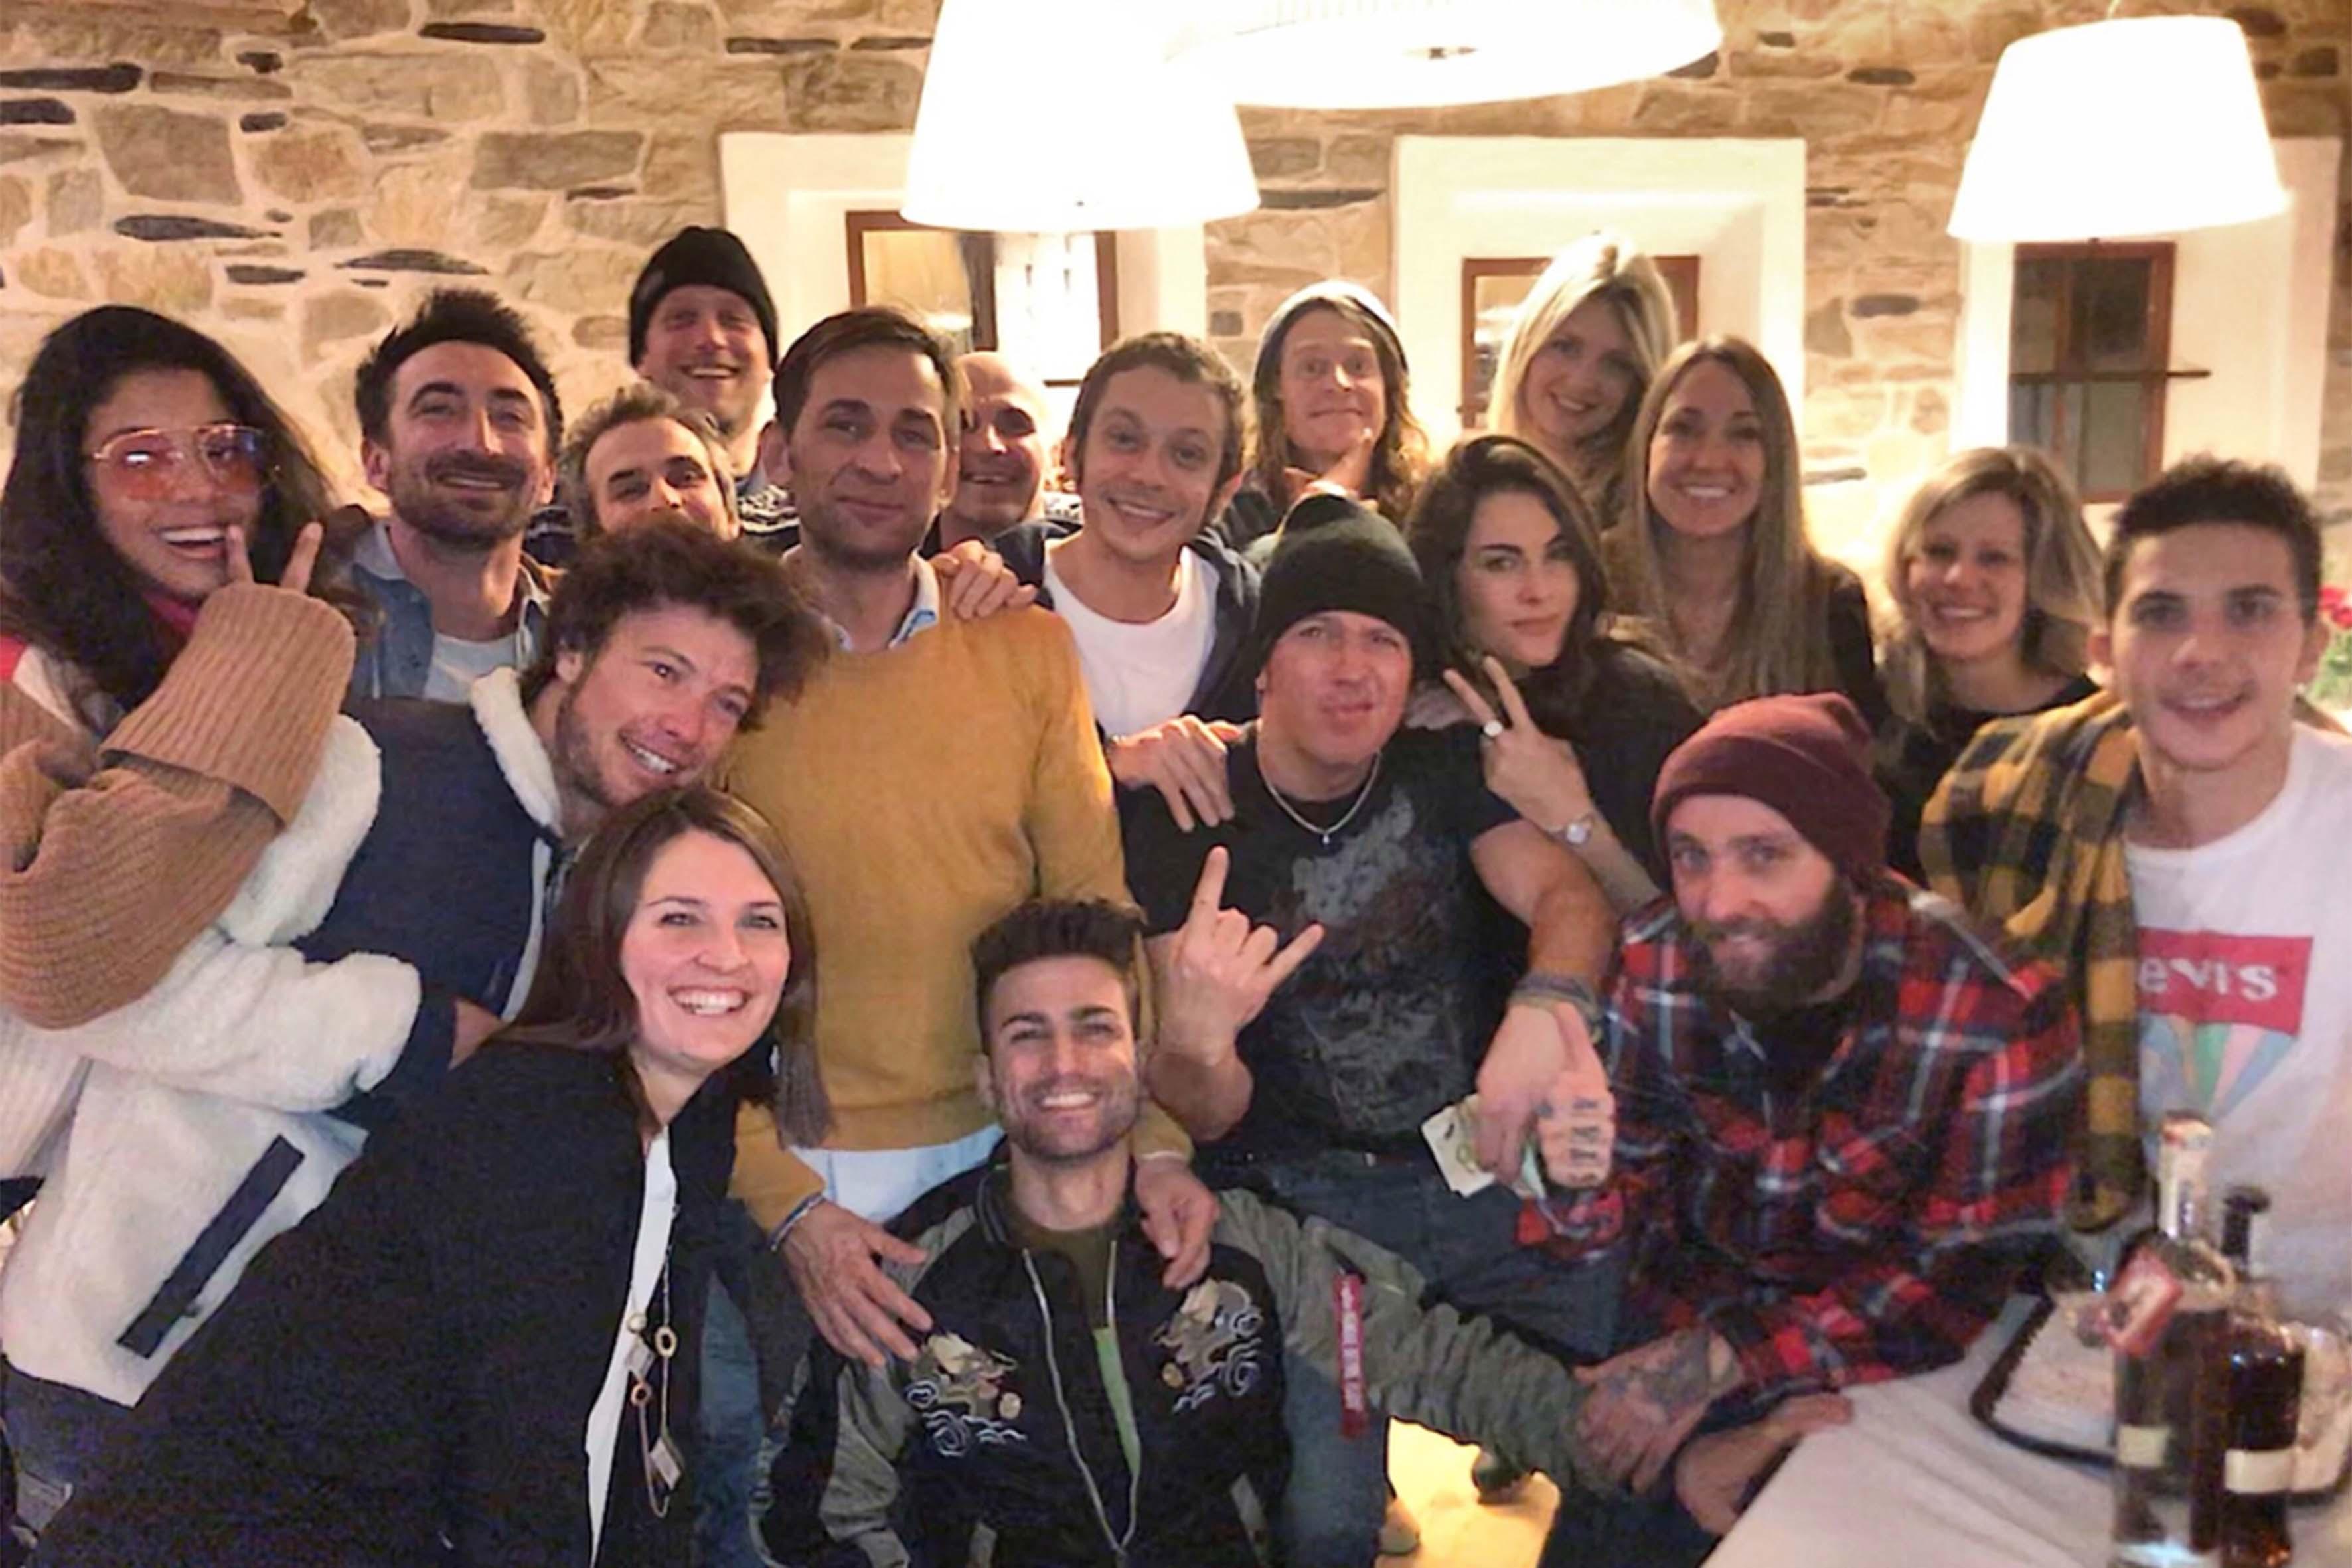 Foto di gruppo a Madonna di Campiglio: Valentino e Francesca sono vicini, divisi solo dall'amico Giulio Angeli, maestro di snowboard